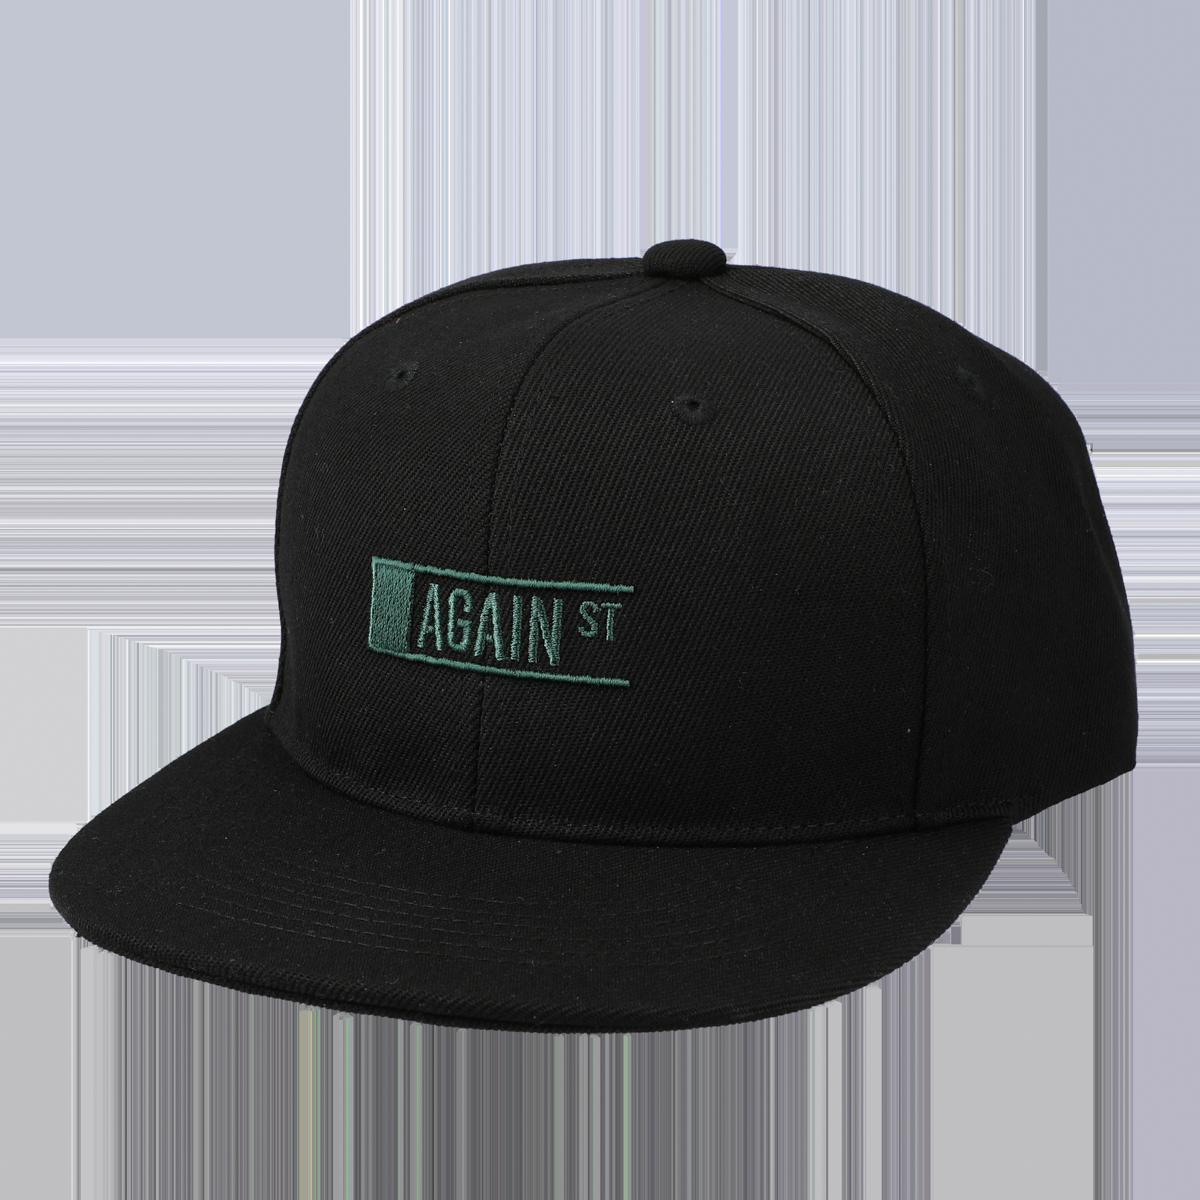 AGAINST LOGO CAP